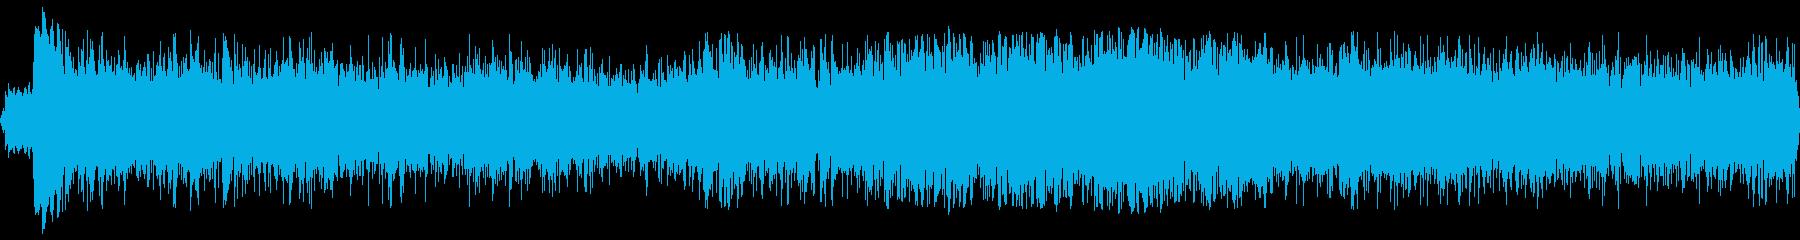 ロケットアフターバーナー火炎nの再生済みの波形